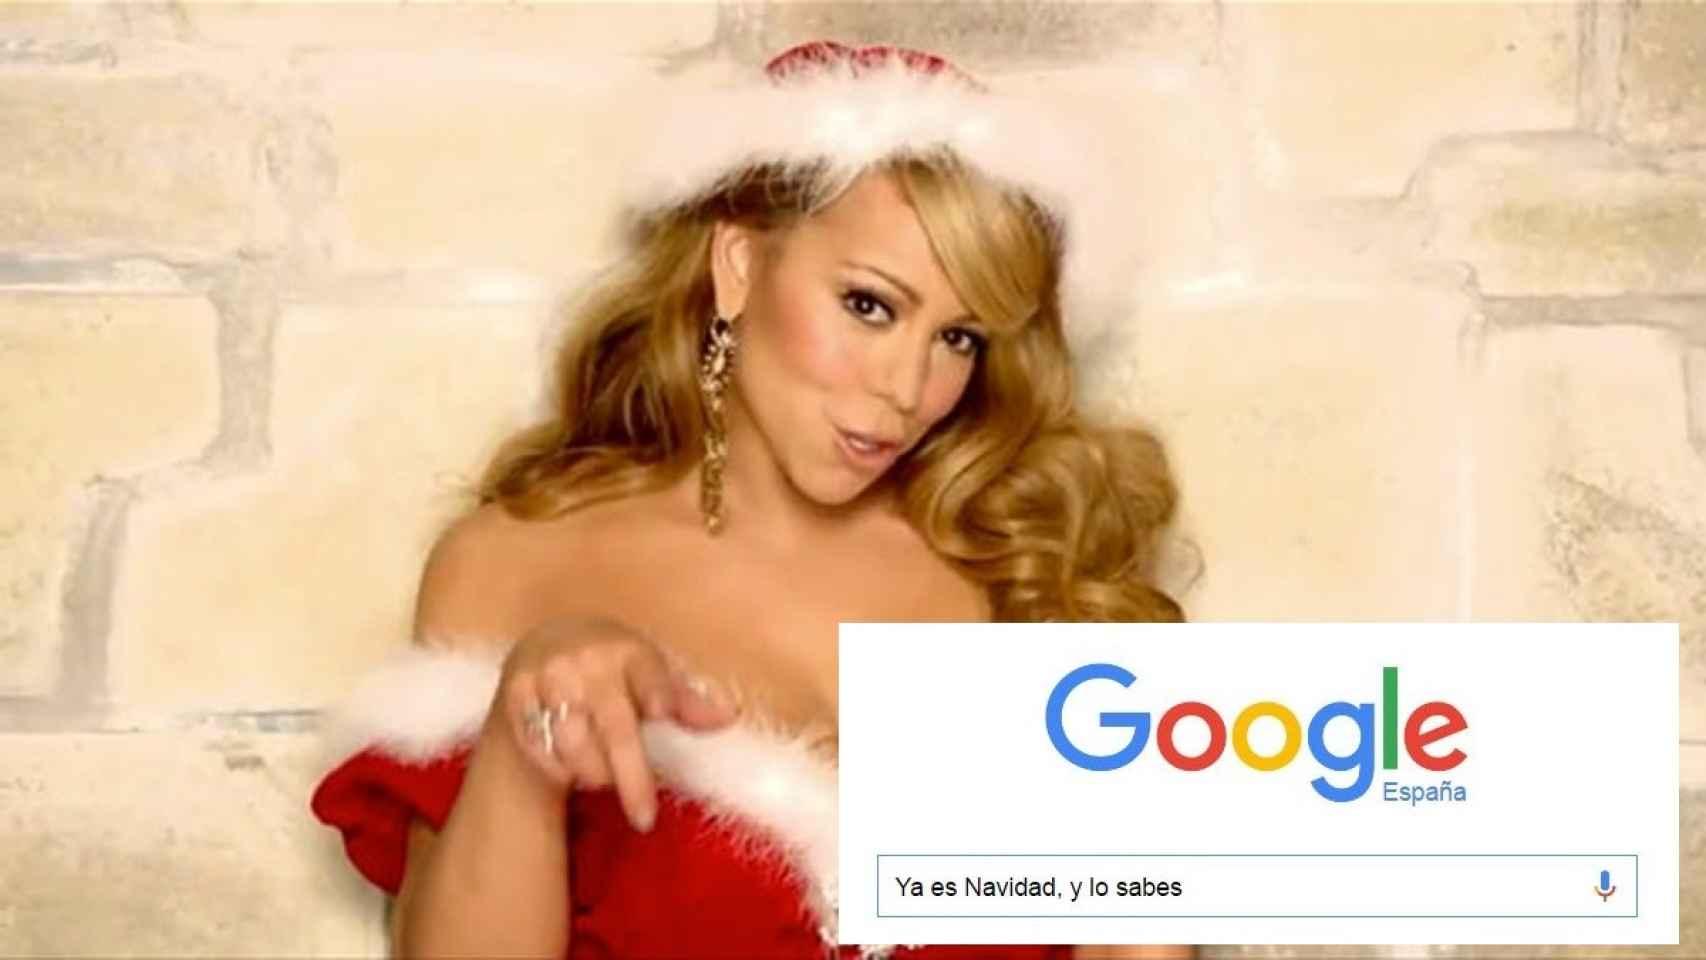 Ya es Navidad y lo sabes.